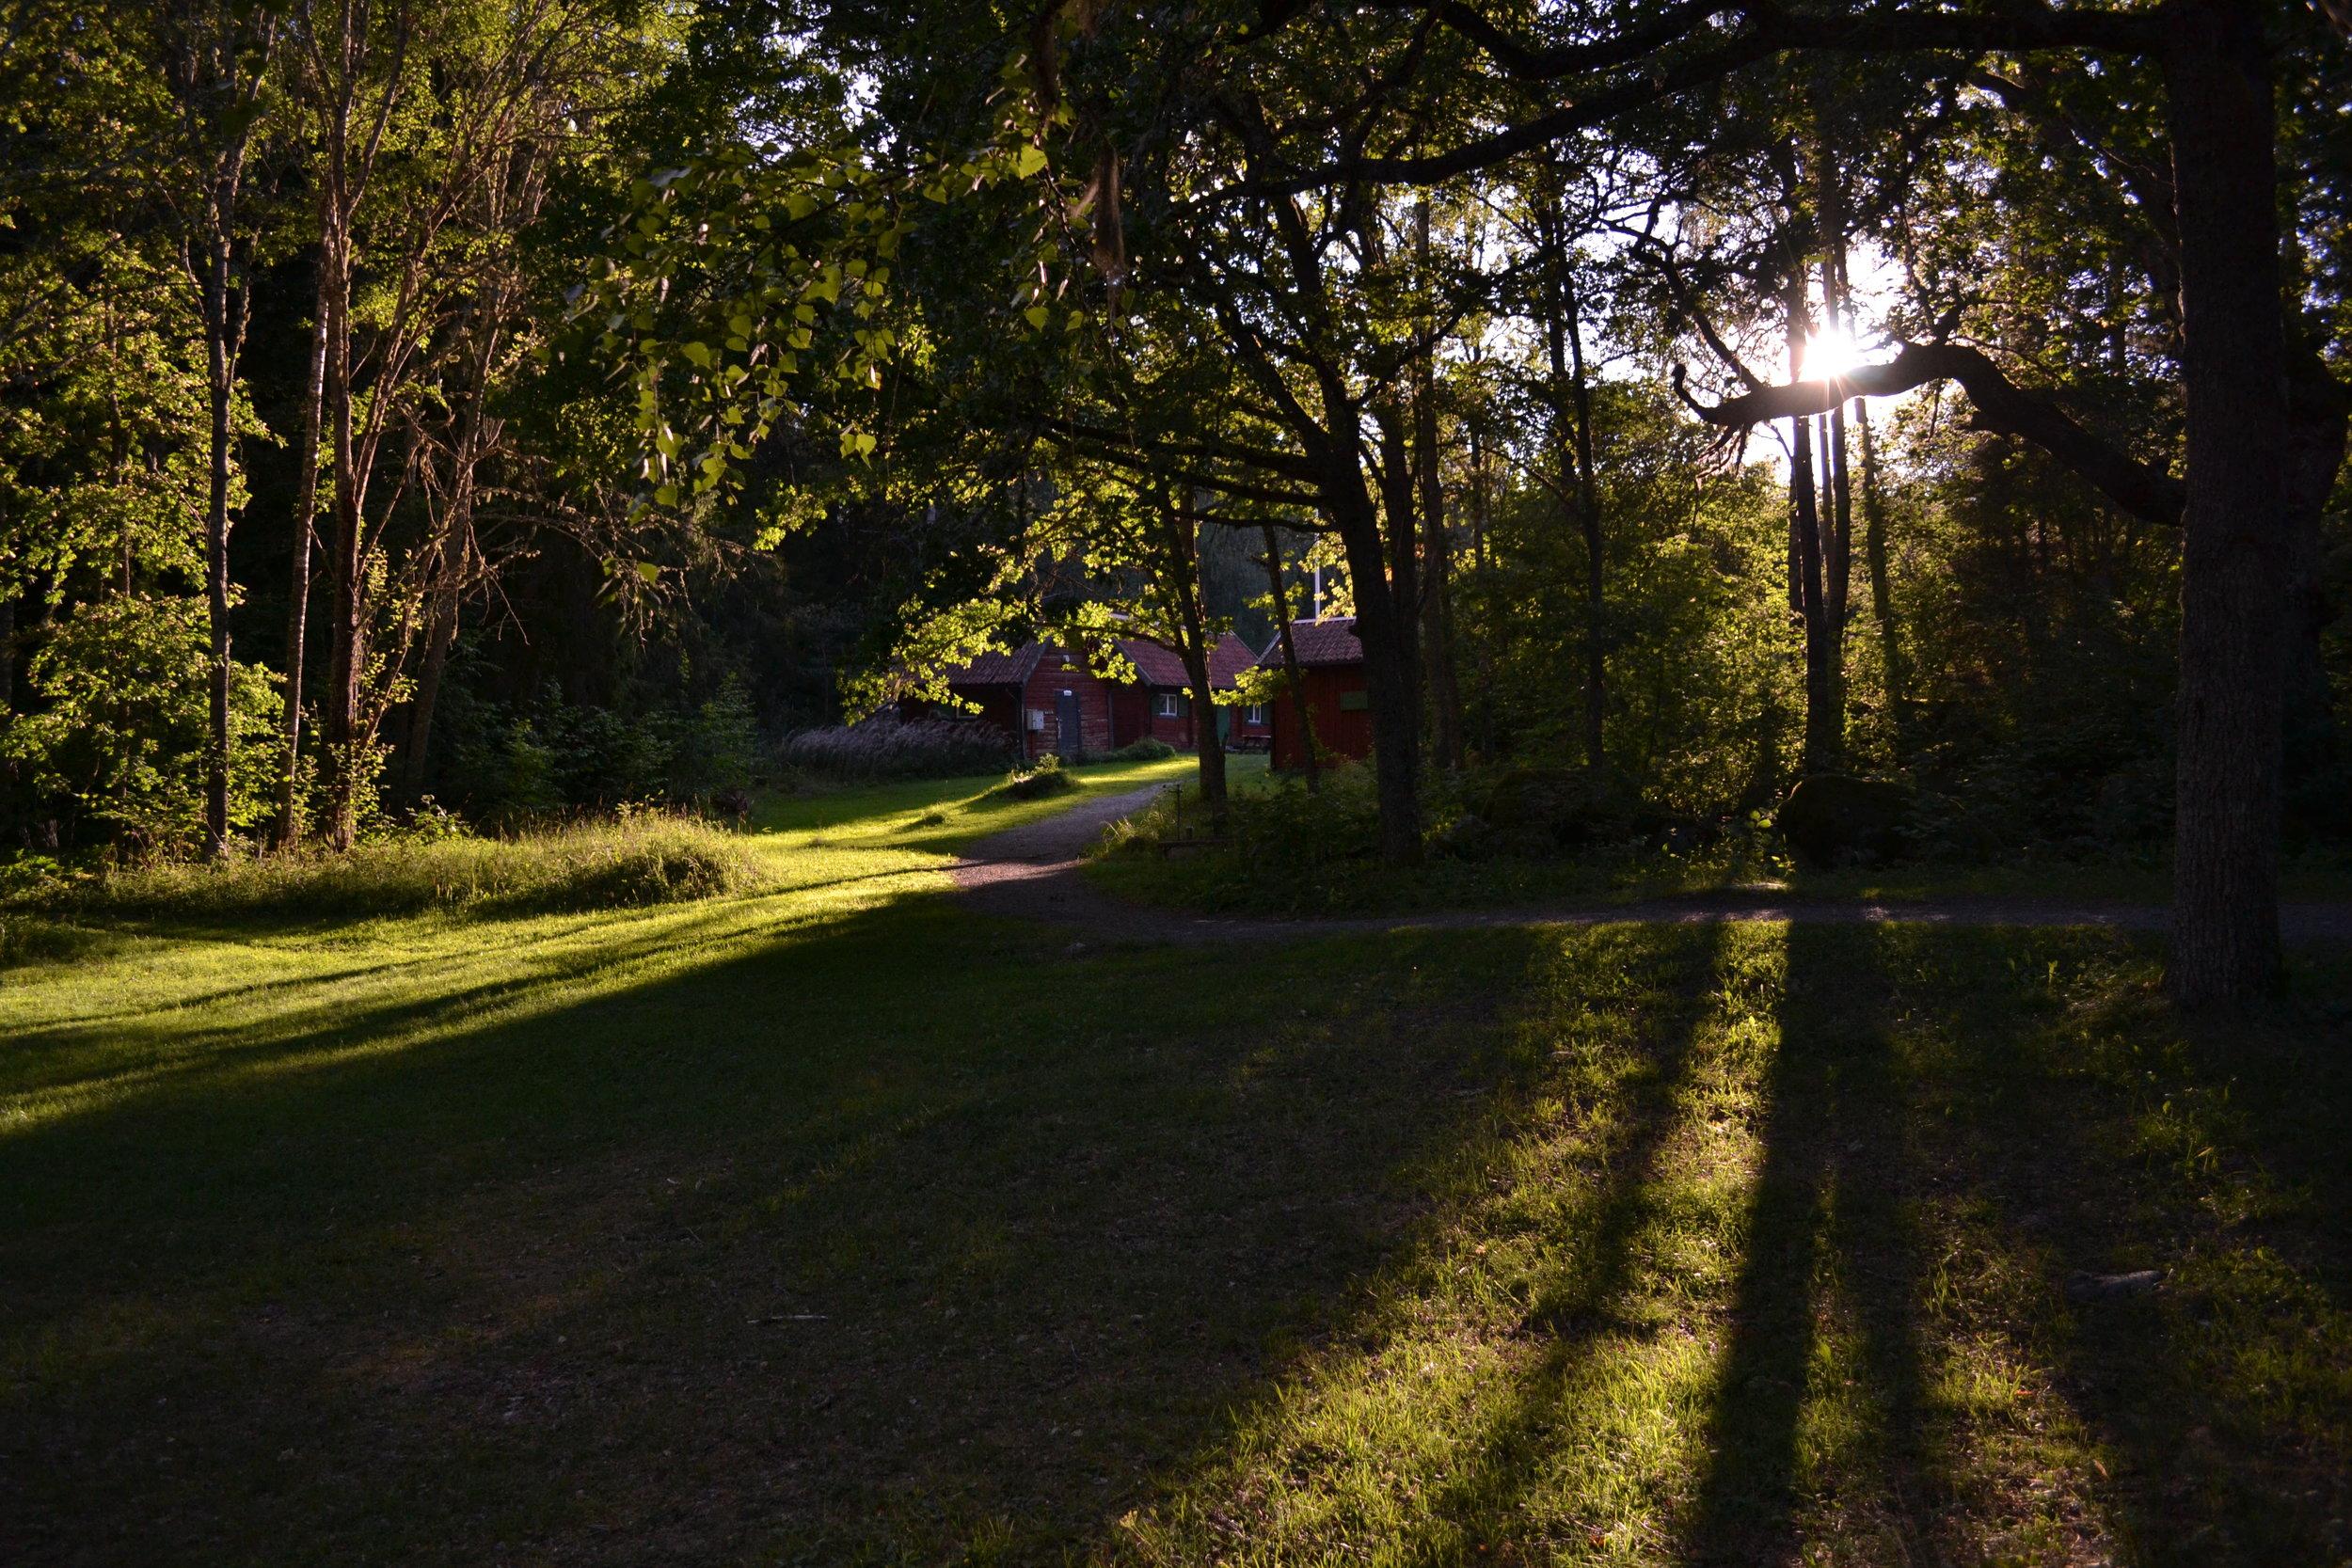 Norredatorp - Norredatorp är kårens egna lilla stugområde strax utanför centrala Uppsala. Alla kan hyra Norreda, men det är billigare för våra medlemmar.